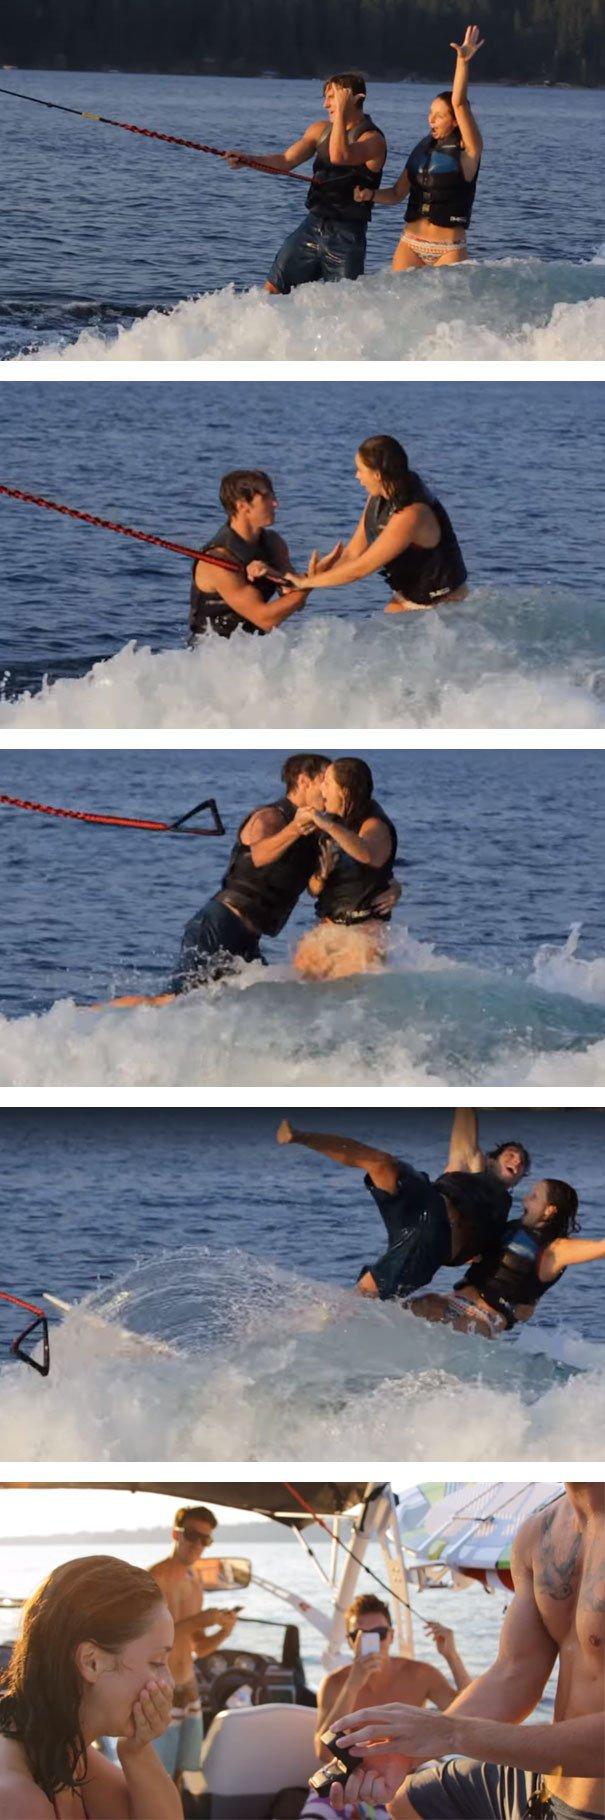 Propuesta; novios están surfeando cuando el novio se pone de rodillas y le pide matrimonio a la novia, al final caen al agua y después en el bote le entrega el anillo